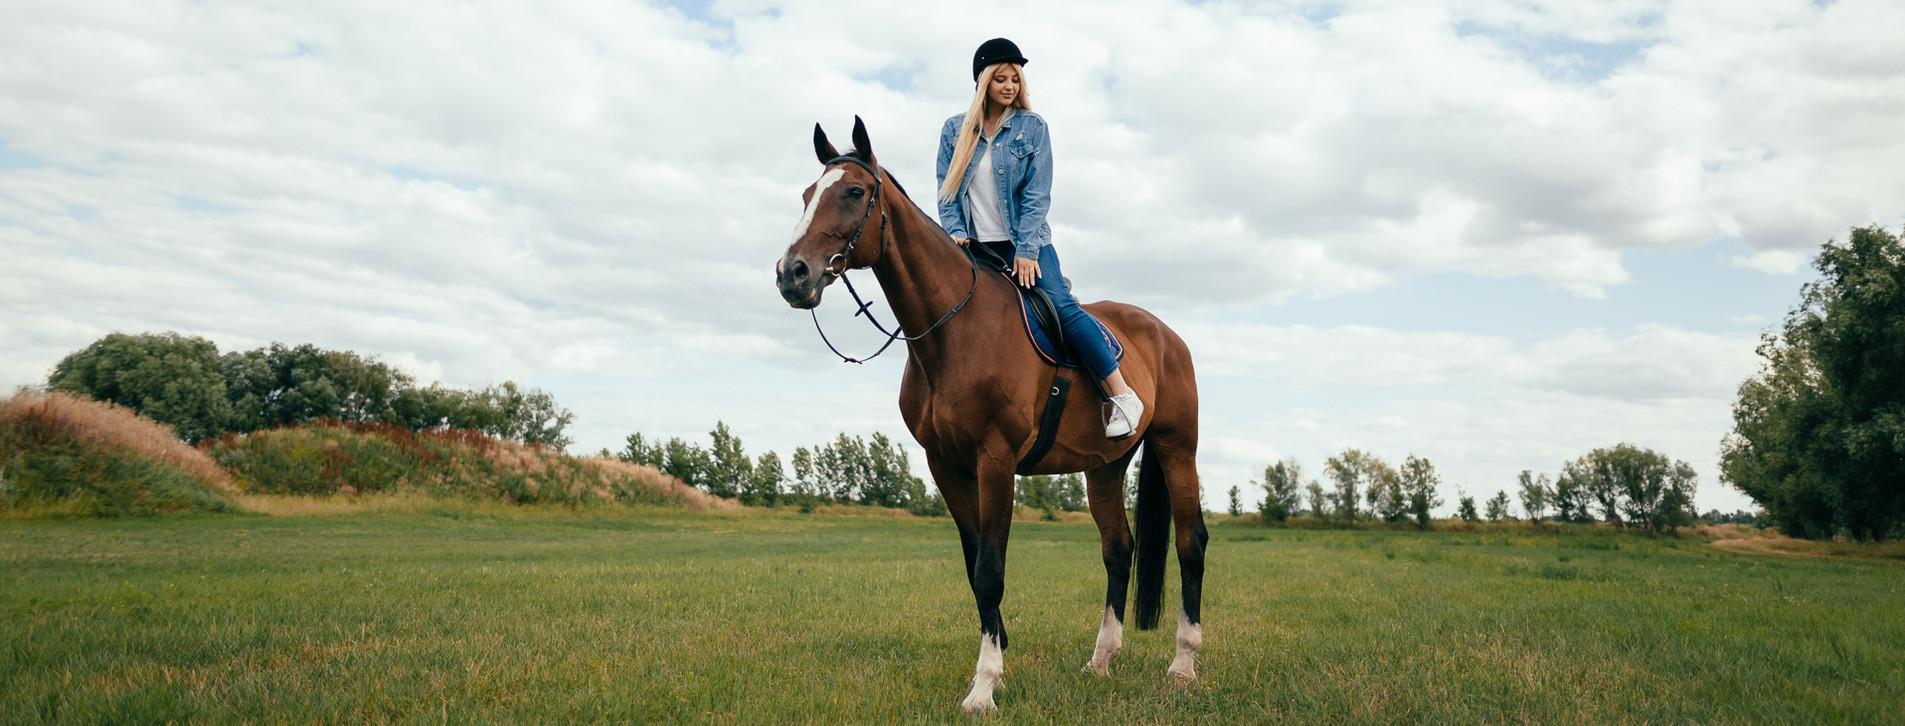 Фото 1 - Прогулка на лошади